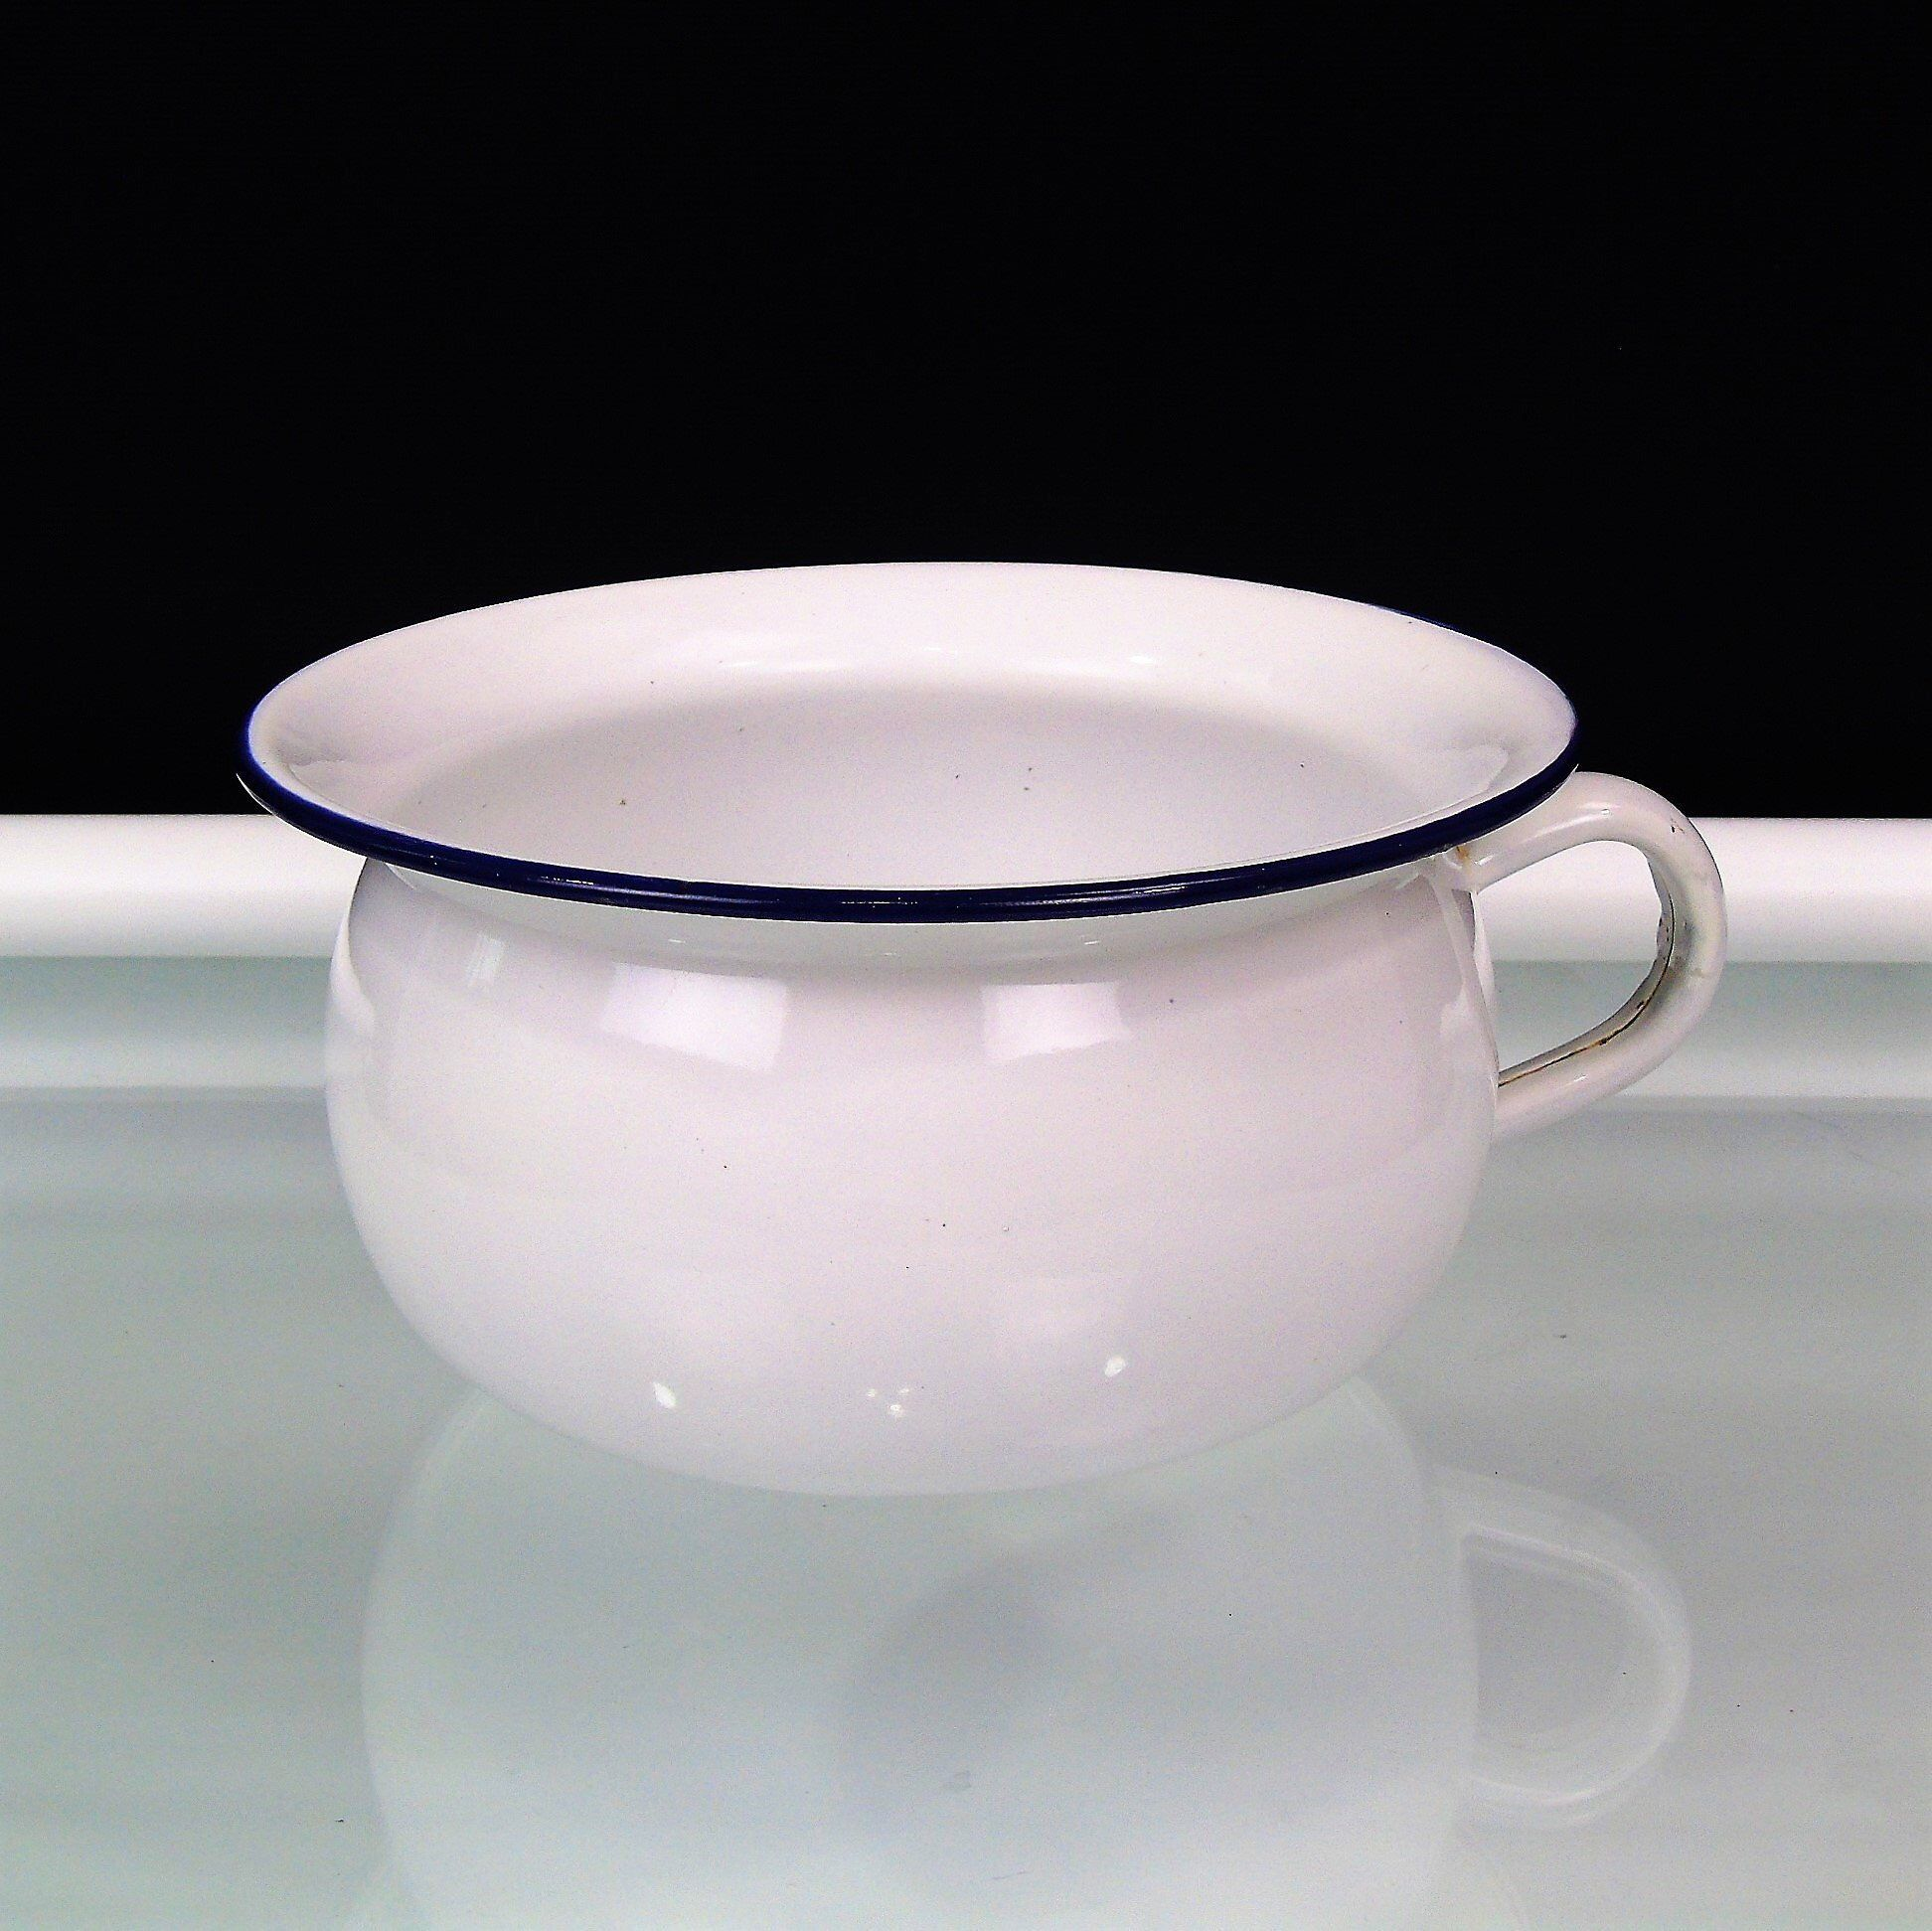 Vintage White Enamel Chamber Pot Potty Blue Trim DIY